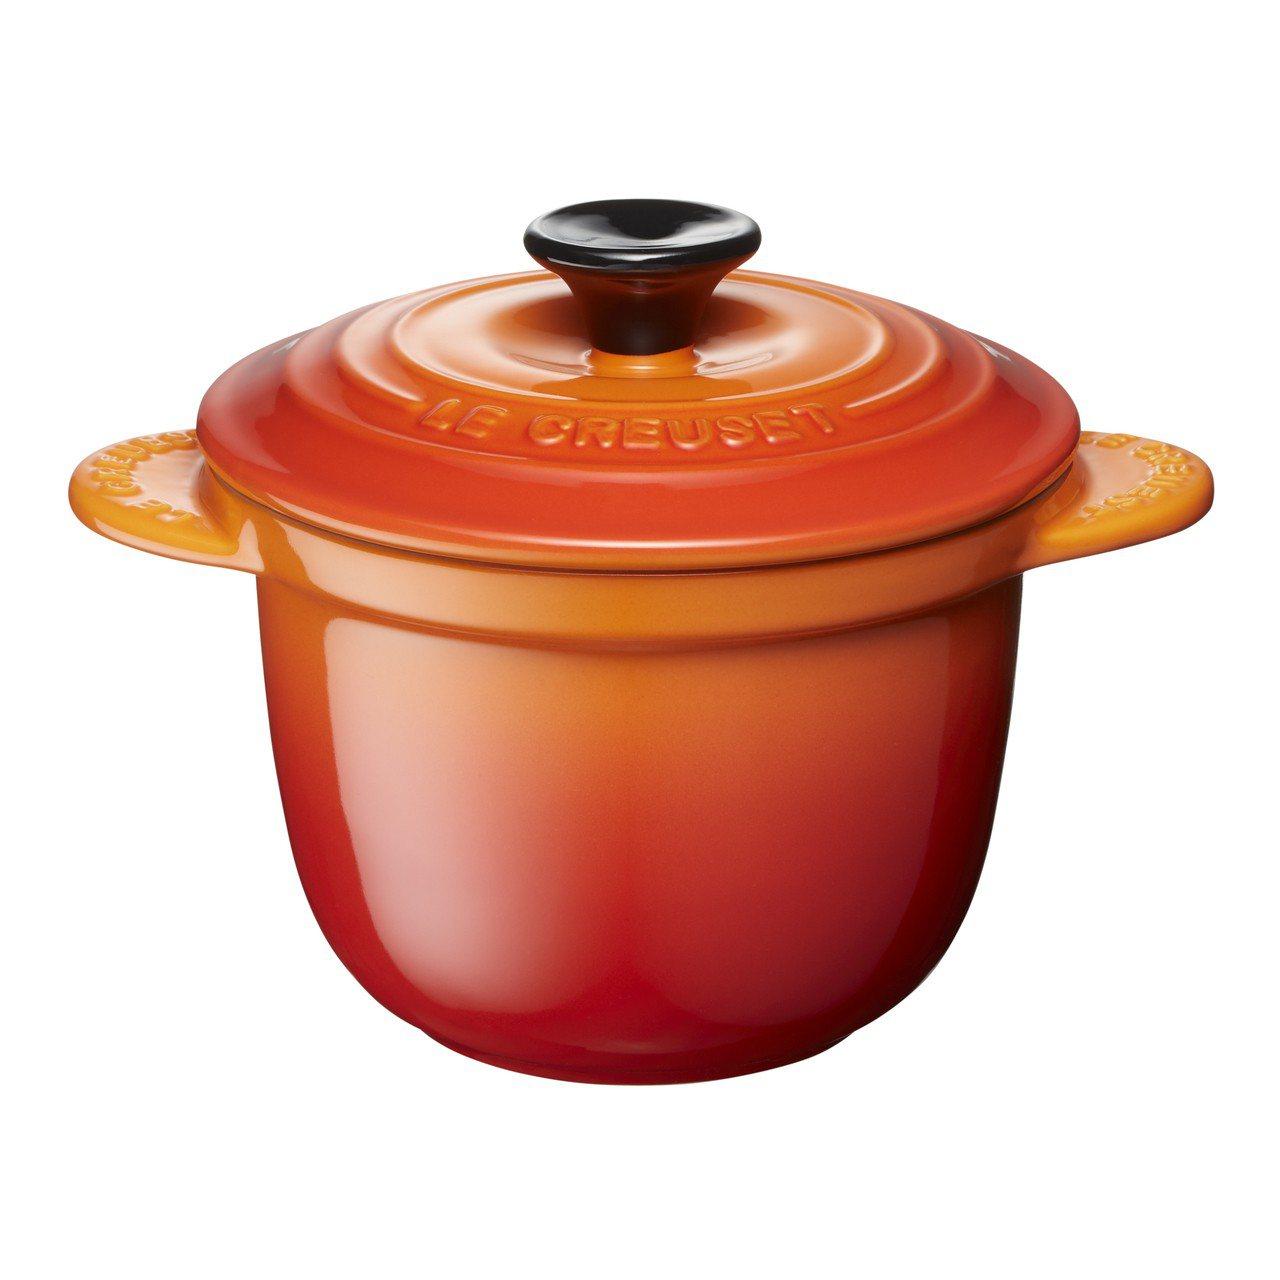 與萬用窈窕鍋同樣造型設計的迷你飯煲烤盅也同步上市。圖/Le Creuset提供